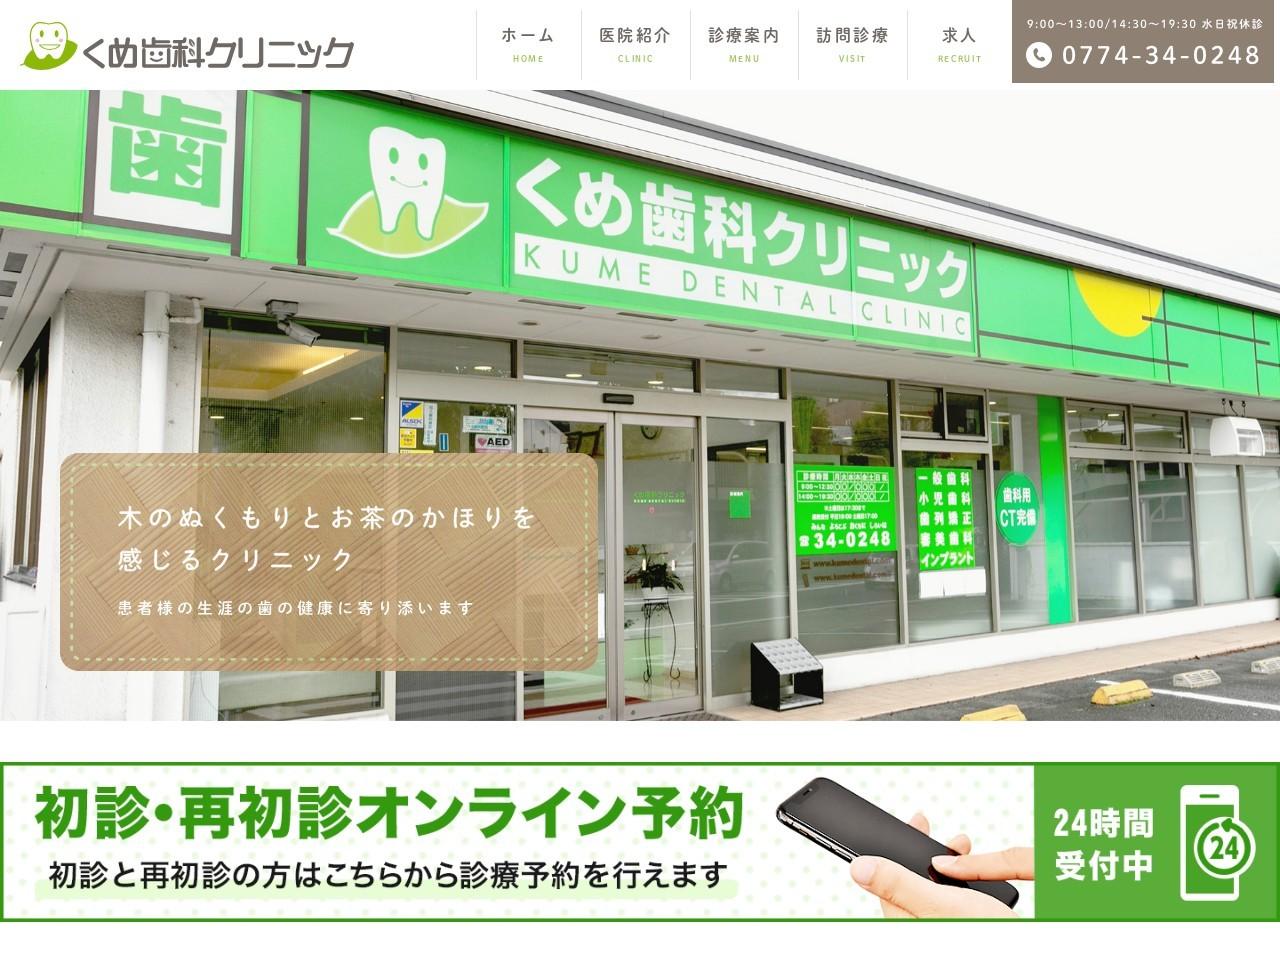 くめ歯科クリニック (京都府宇治市)